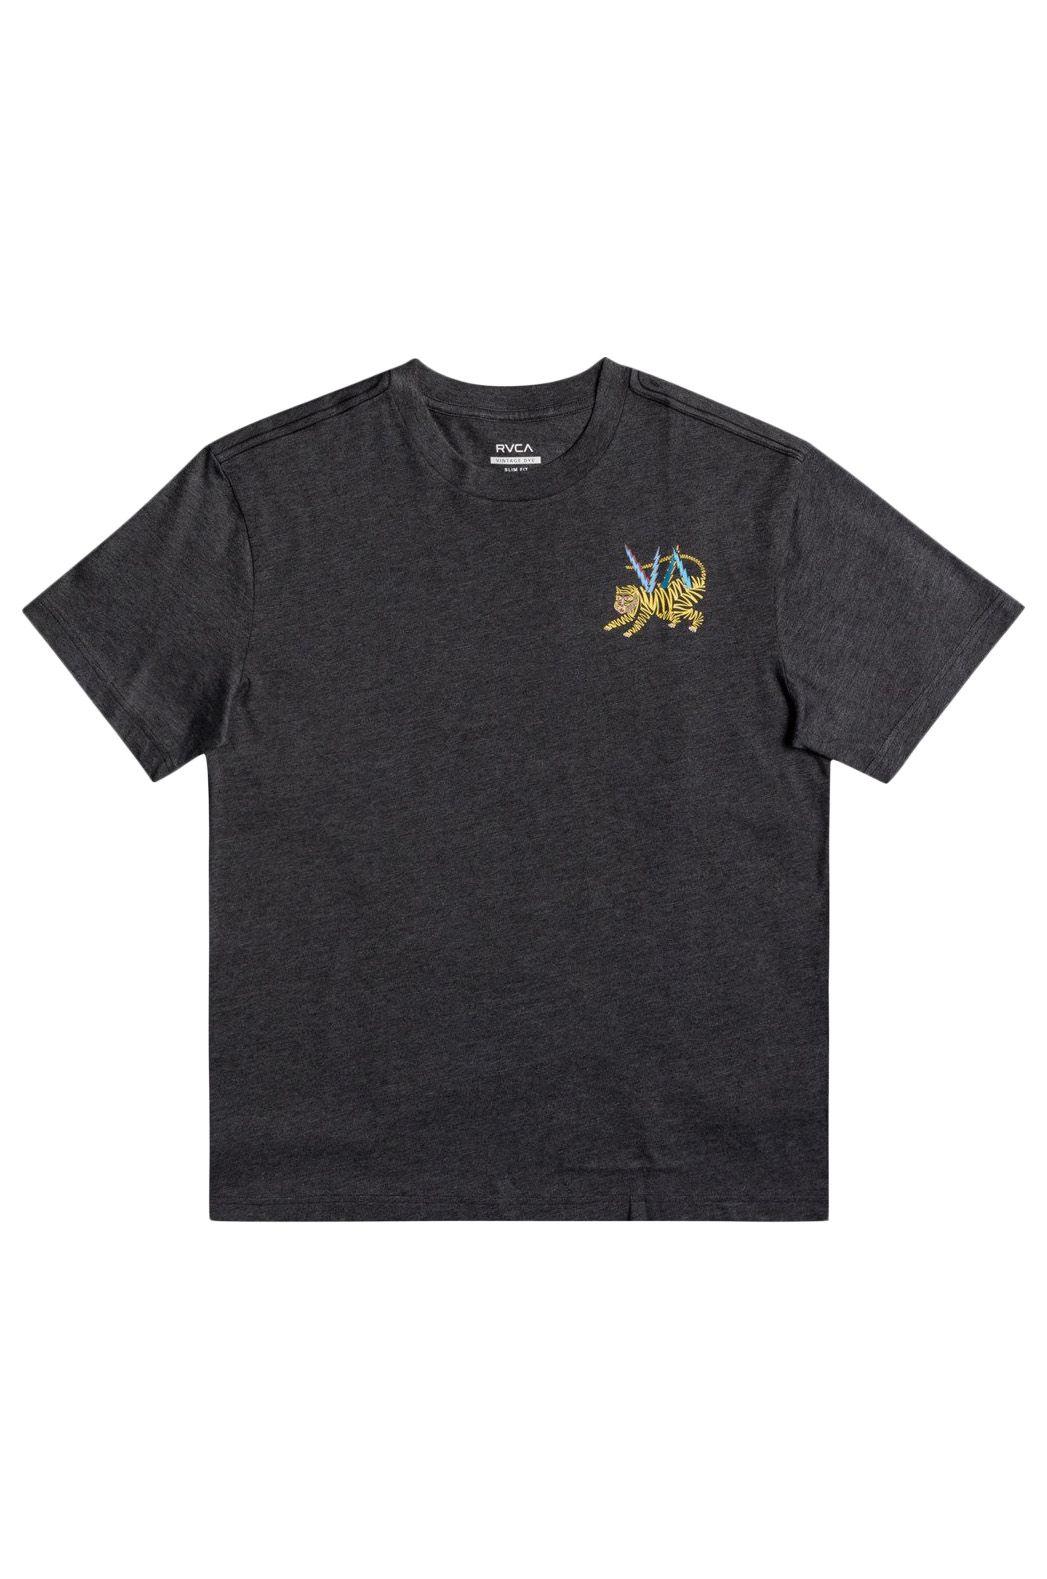 T-Shirt RVCA ML TIGER MATT LEINES Dark Charcoal